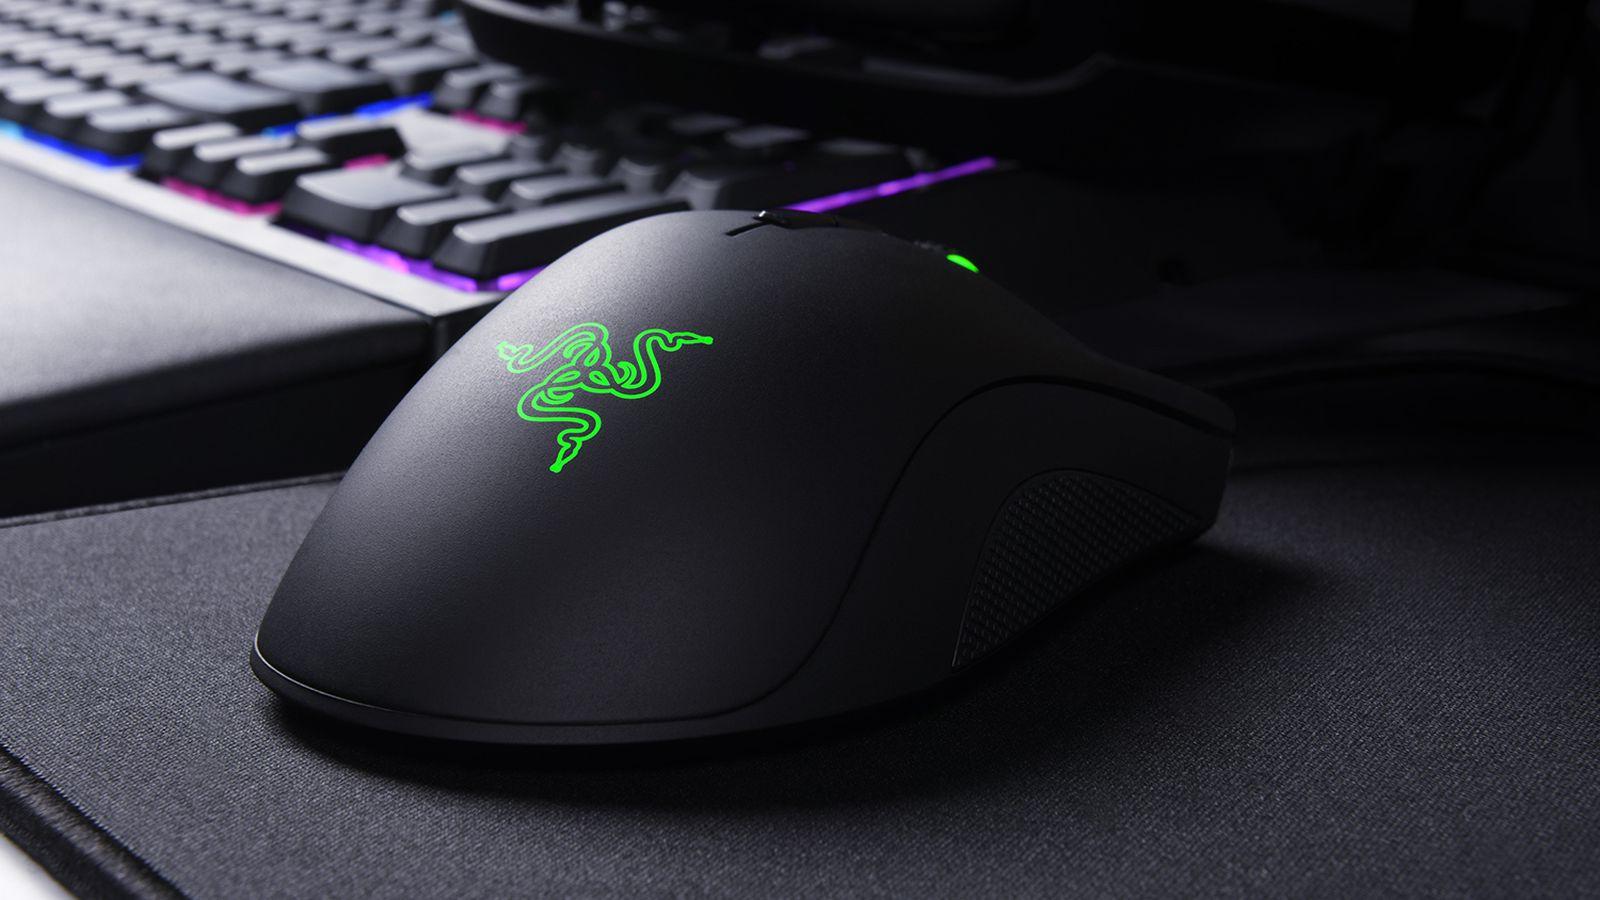 Kết quả hình ảnh cho gaming mouse wallpaper